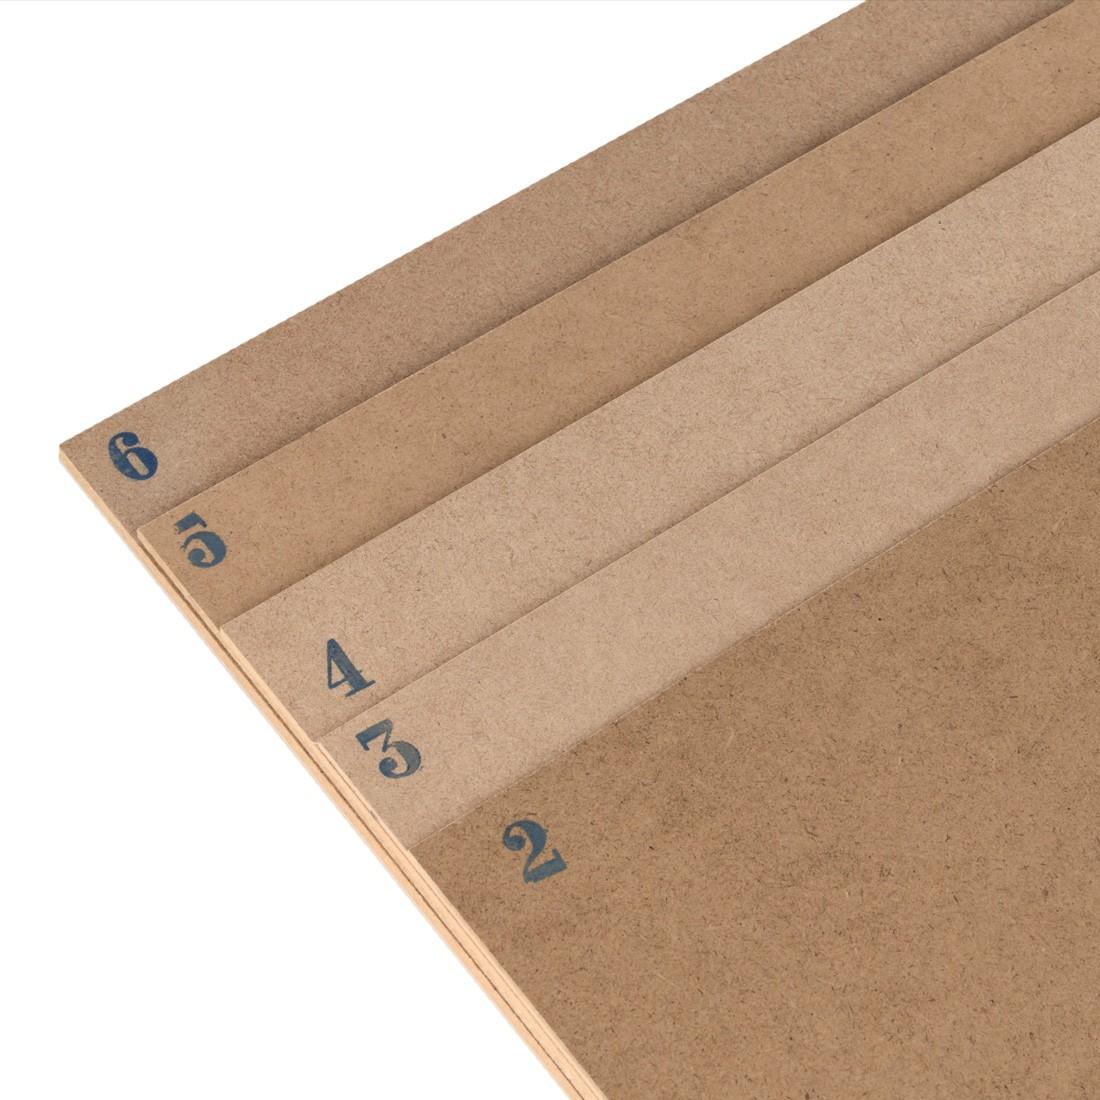 Planches en mdf cm.50x40-mm.3